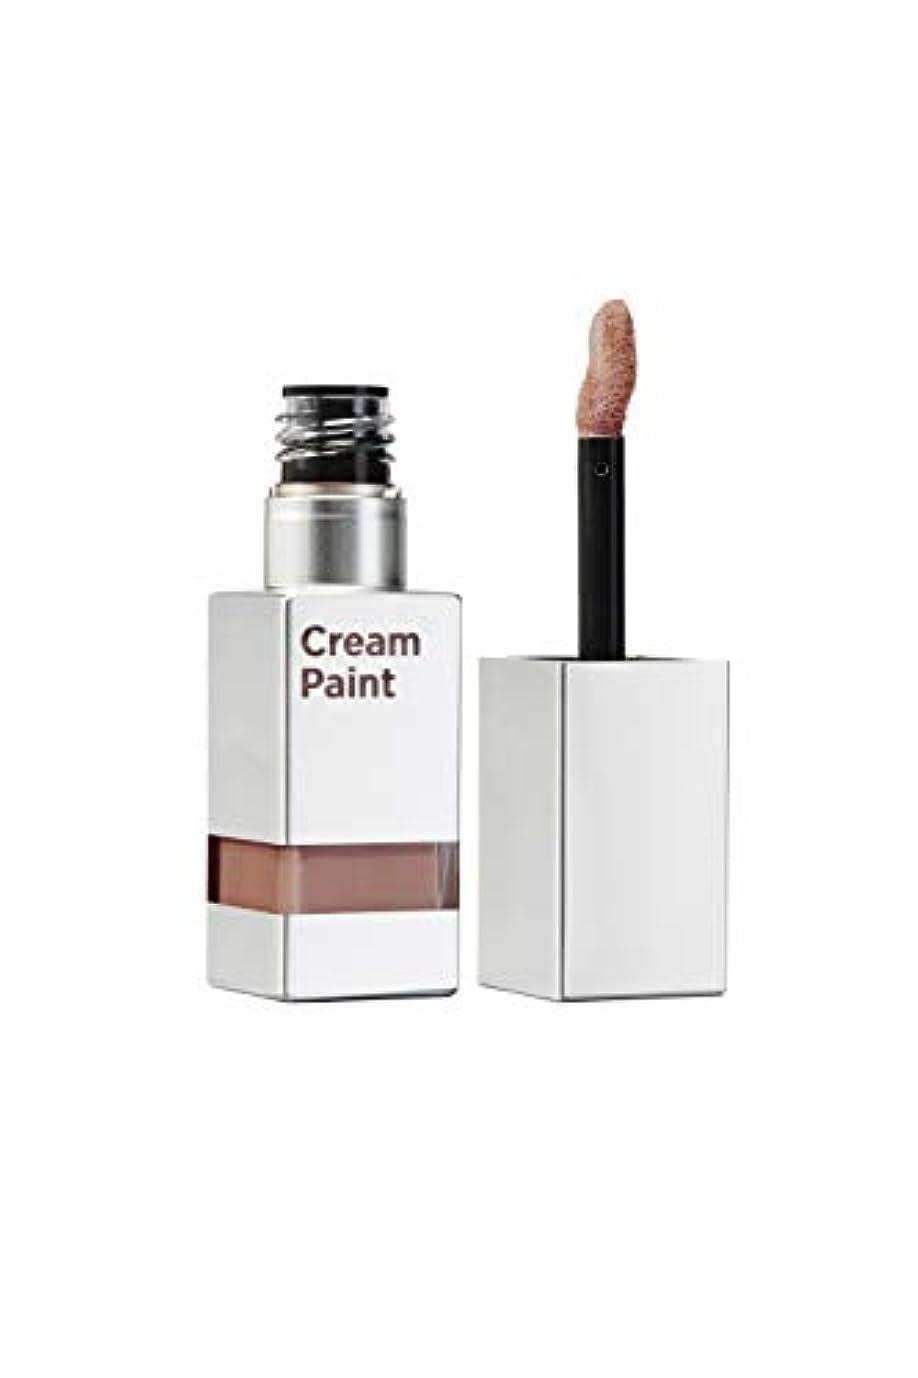 切断する肌寒い試みるムーンショット(moonshot) ブラックピンク クリームペイントライトフィットリップ MLBBリップ マットリップ リップスティック Moonshot Cream Paint Lightfit (M812 ヴィンテージドレス...